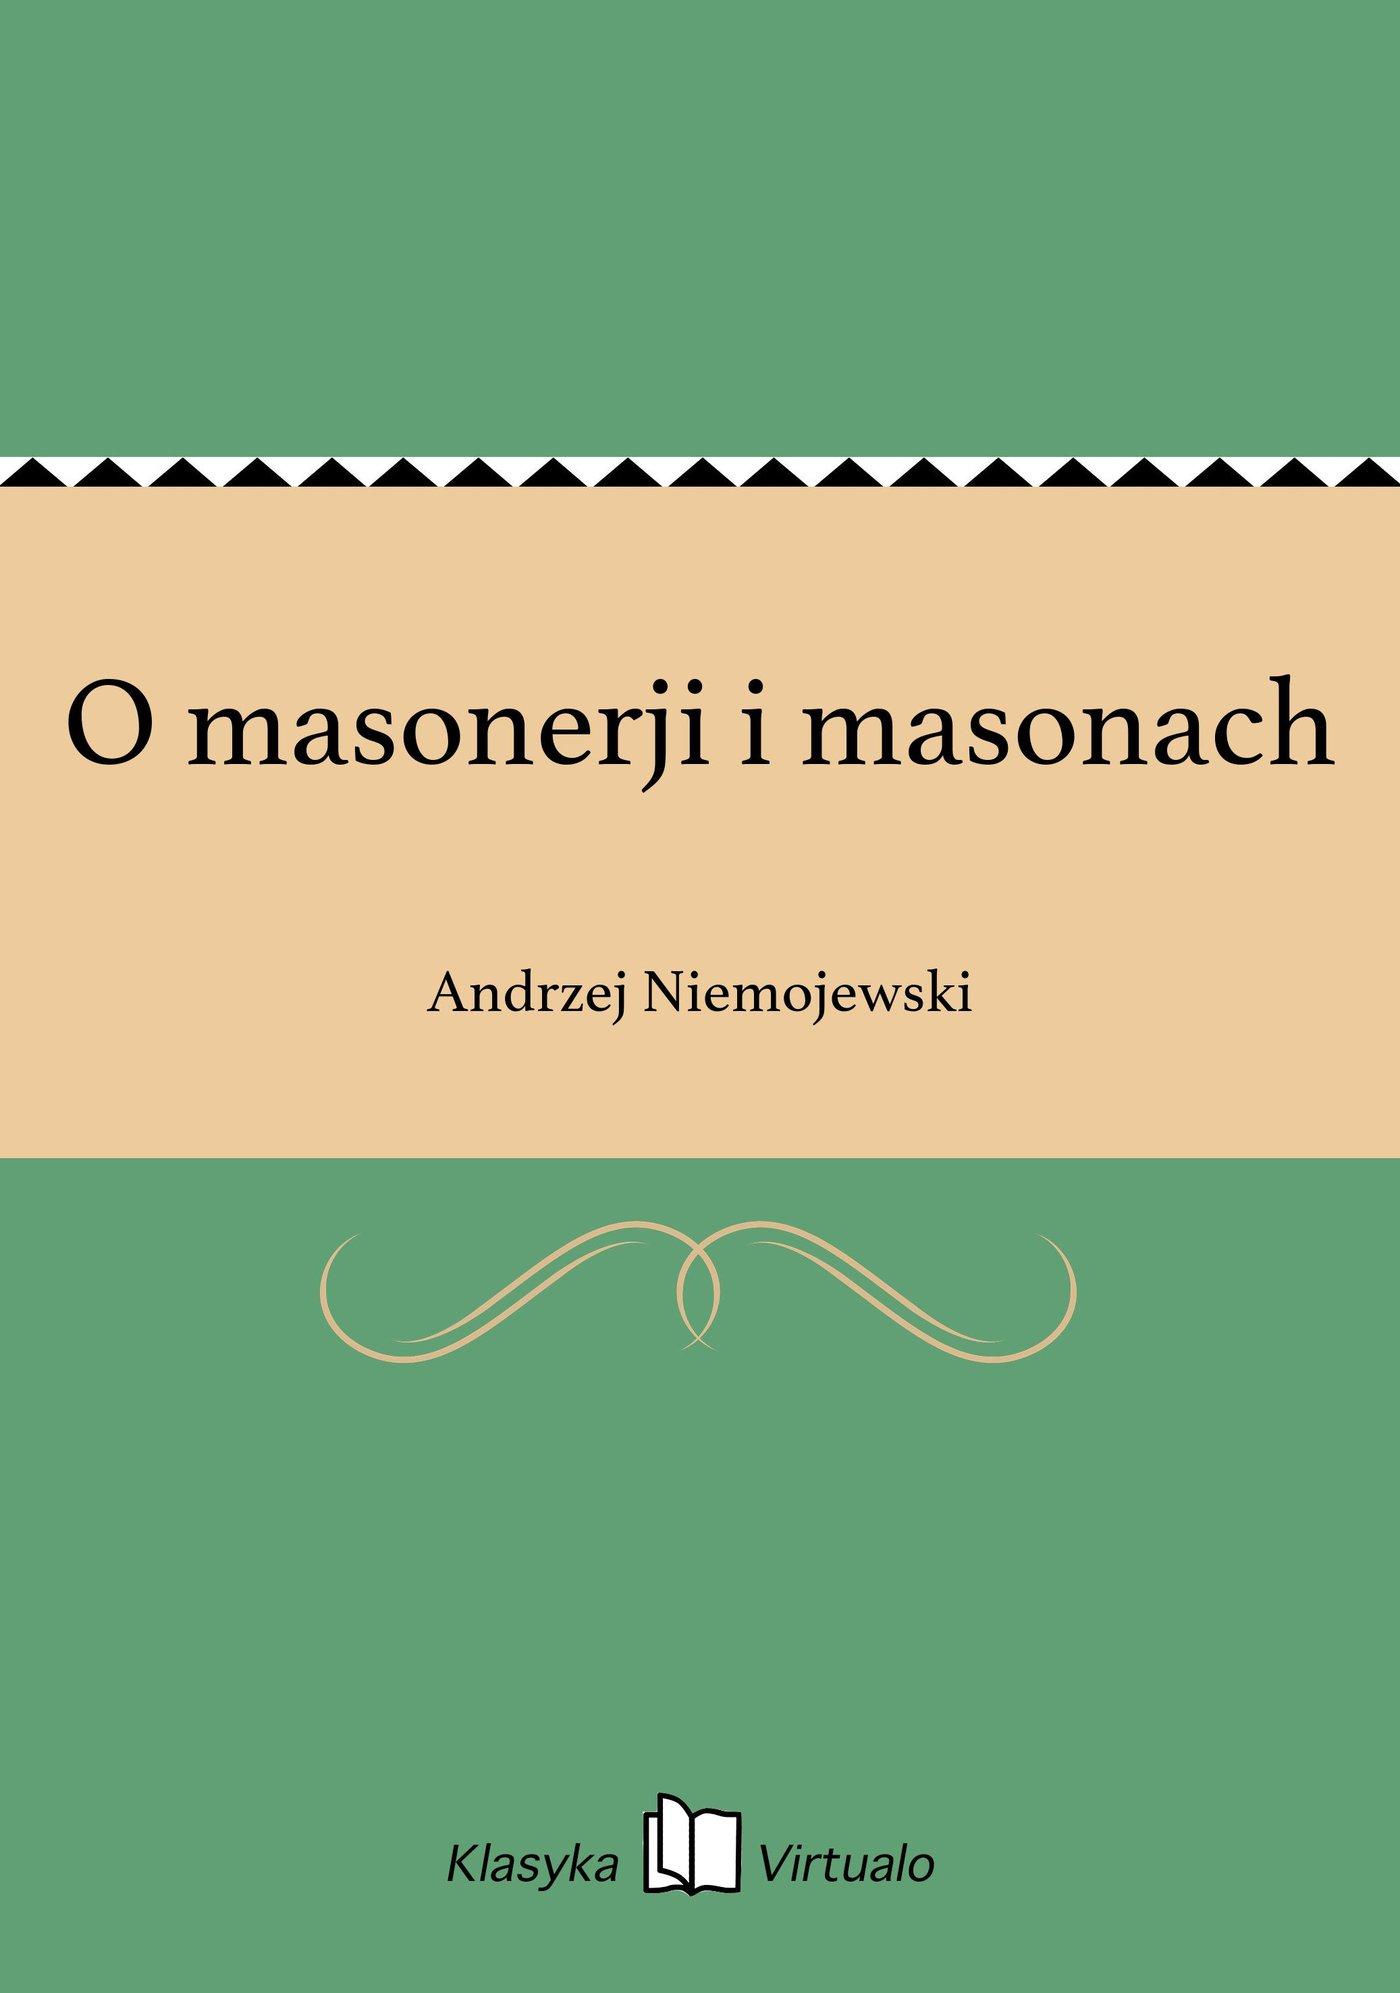 O masonerji i masonach - Ebook (Książka EPUB) do pobrania w formacie EPUB